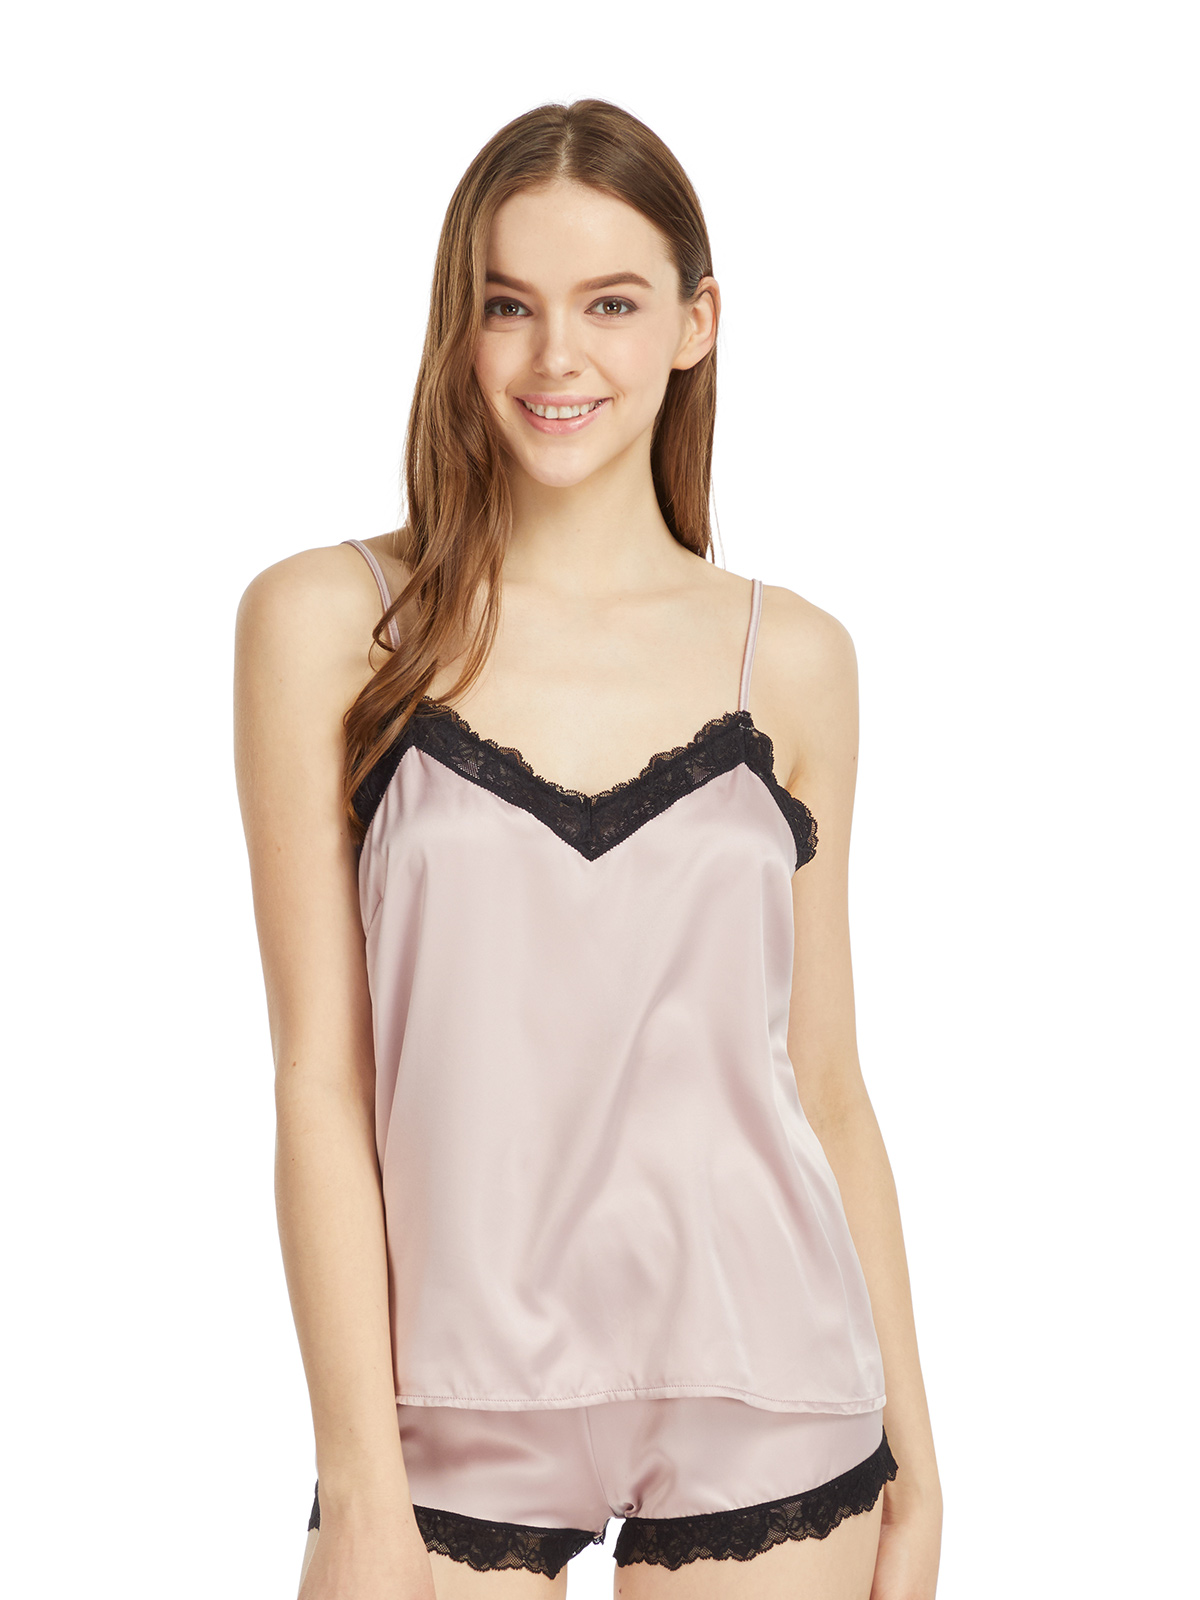 蕾絲邊緞面吊帶睡衣